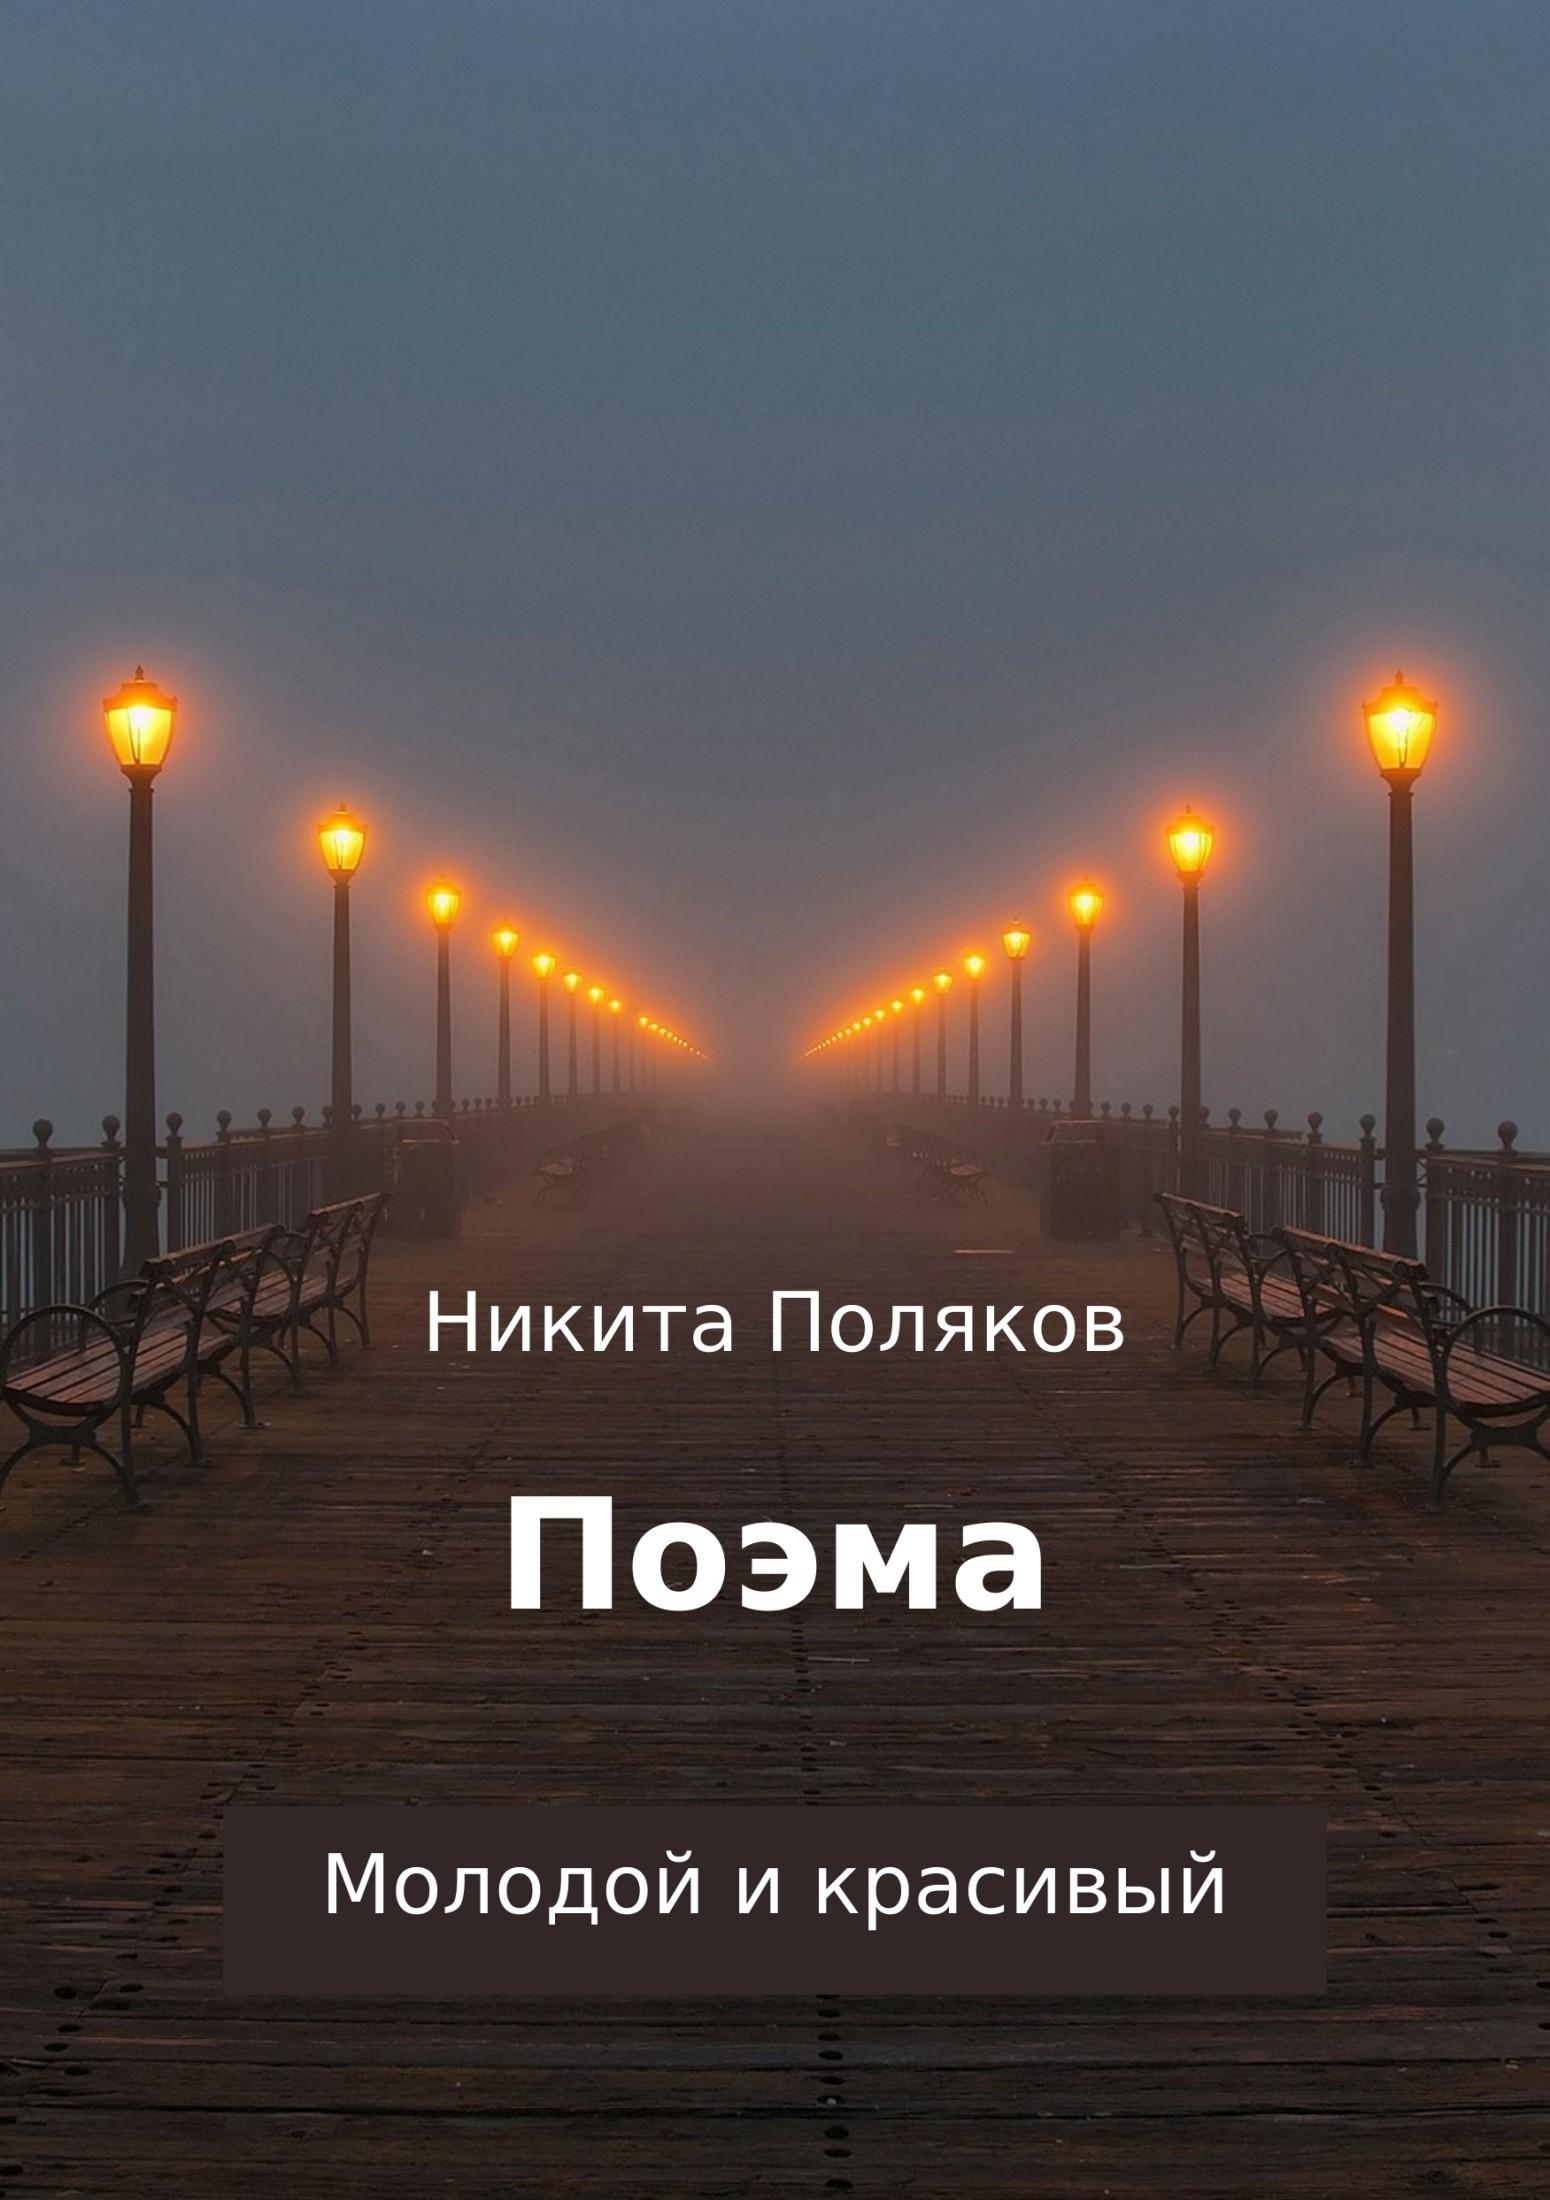 Никита Сергеевич Поляков Молодой и красивый. Поэма нортроп к богини никогда не стареют как всегда оставаться молодой и сияющей